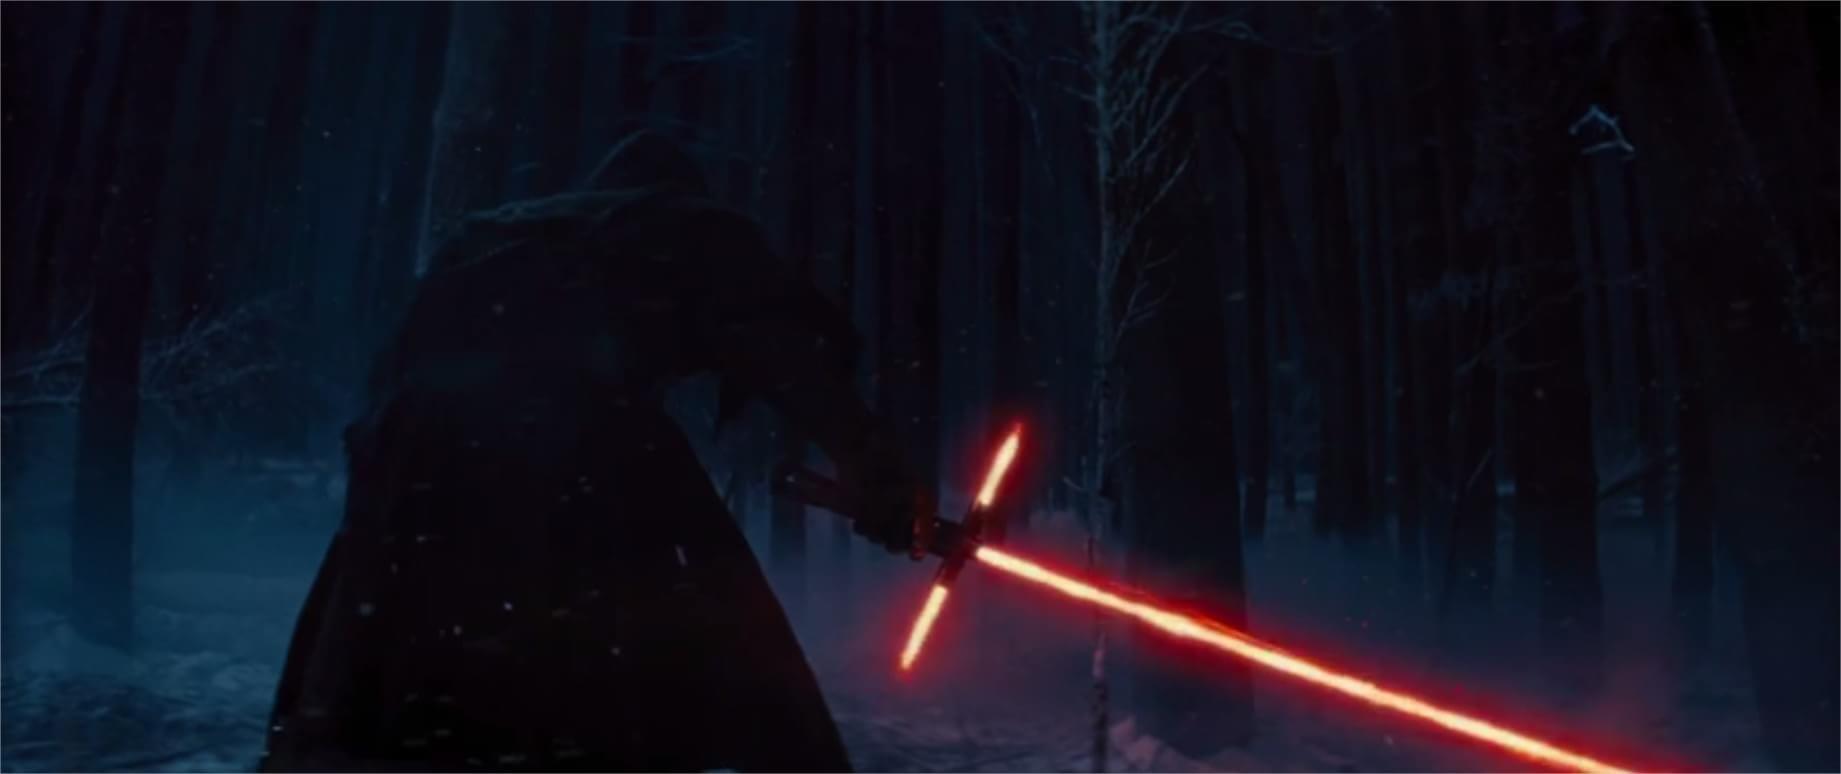 Assista ao primeiro trailer de Star Wars: Episódio VII - The Force Awaken